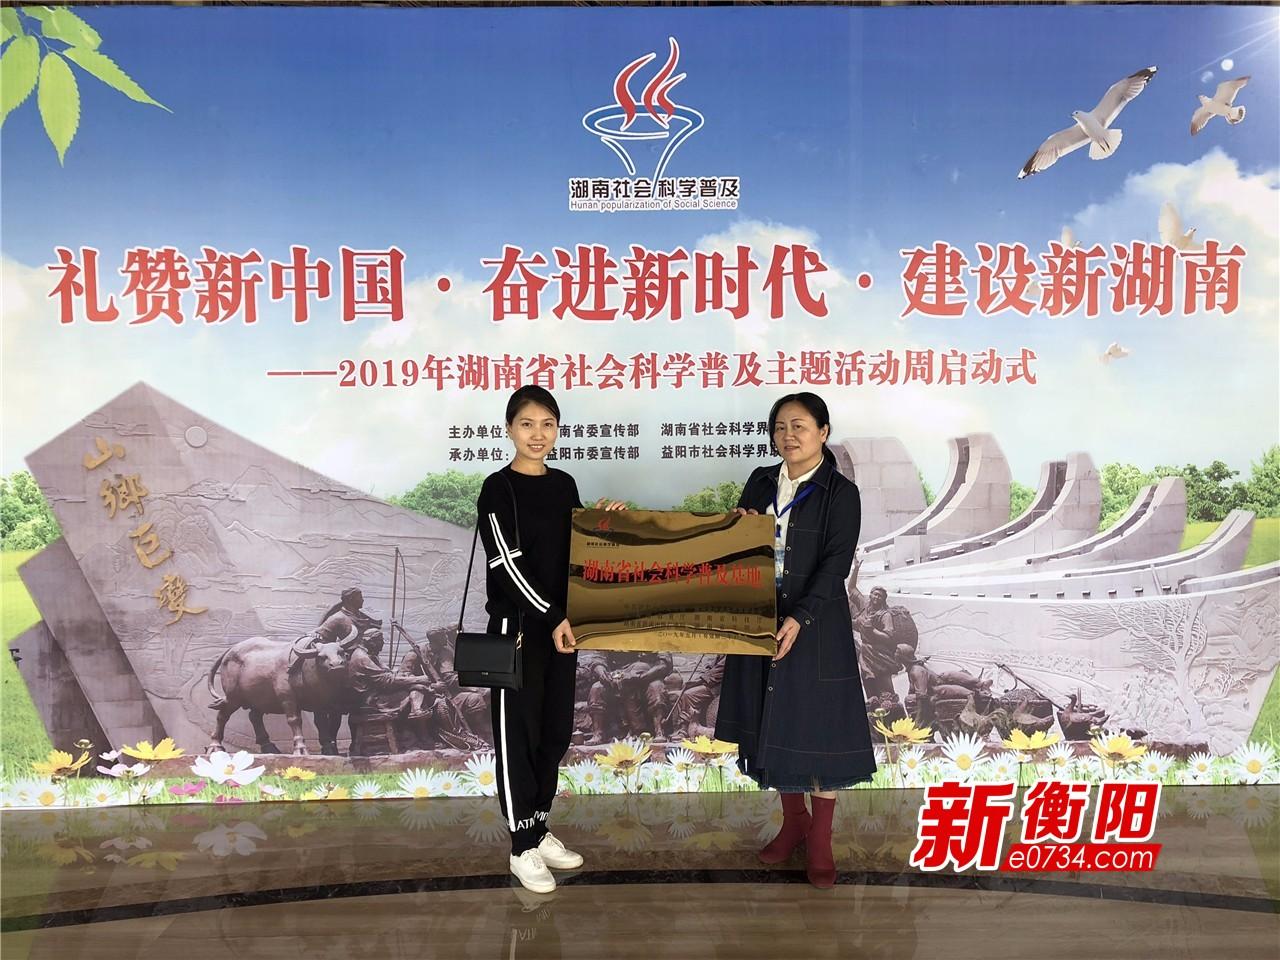 湖南高铁职院高铁文化中心被认定为省社科普基地